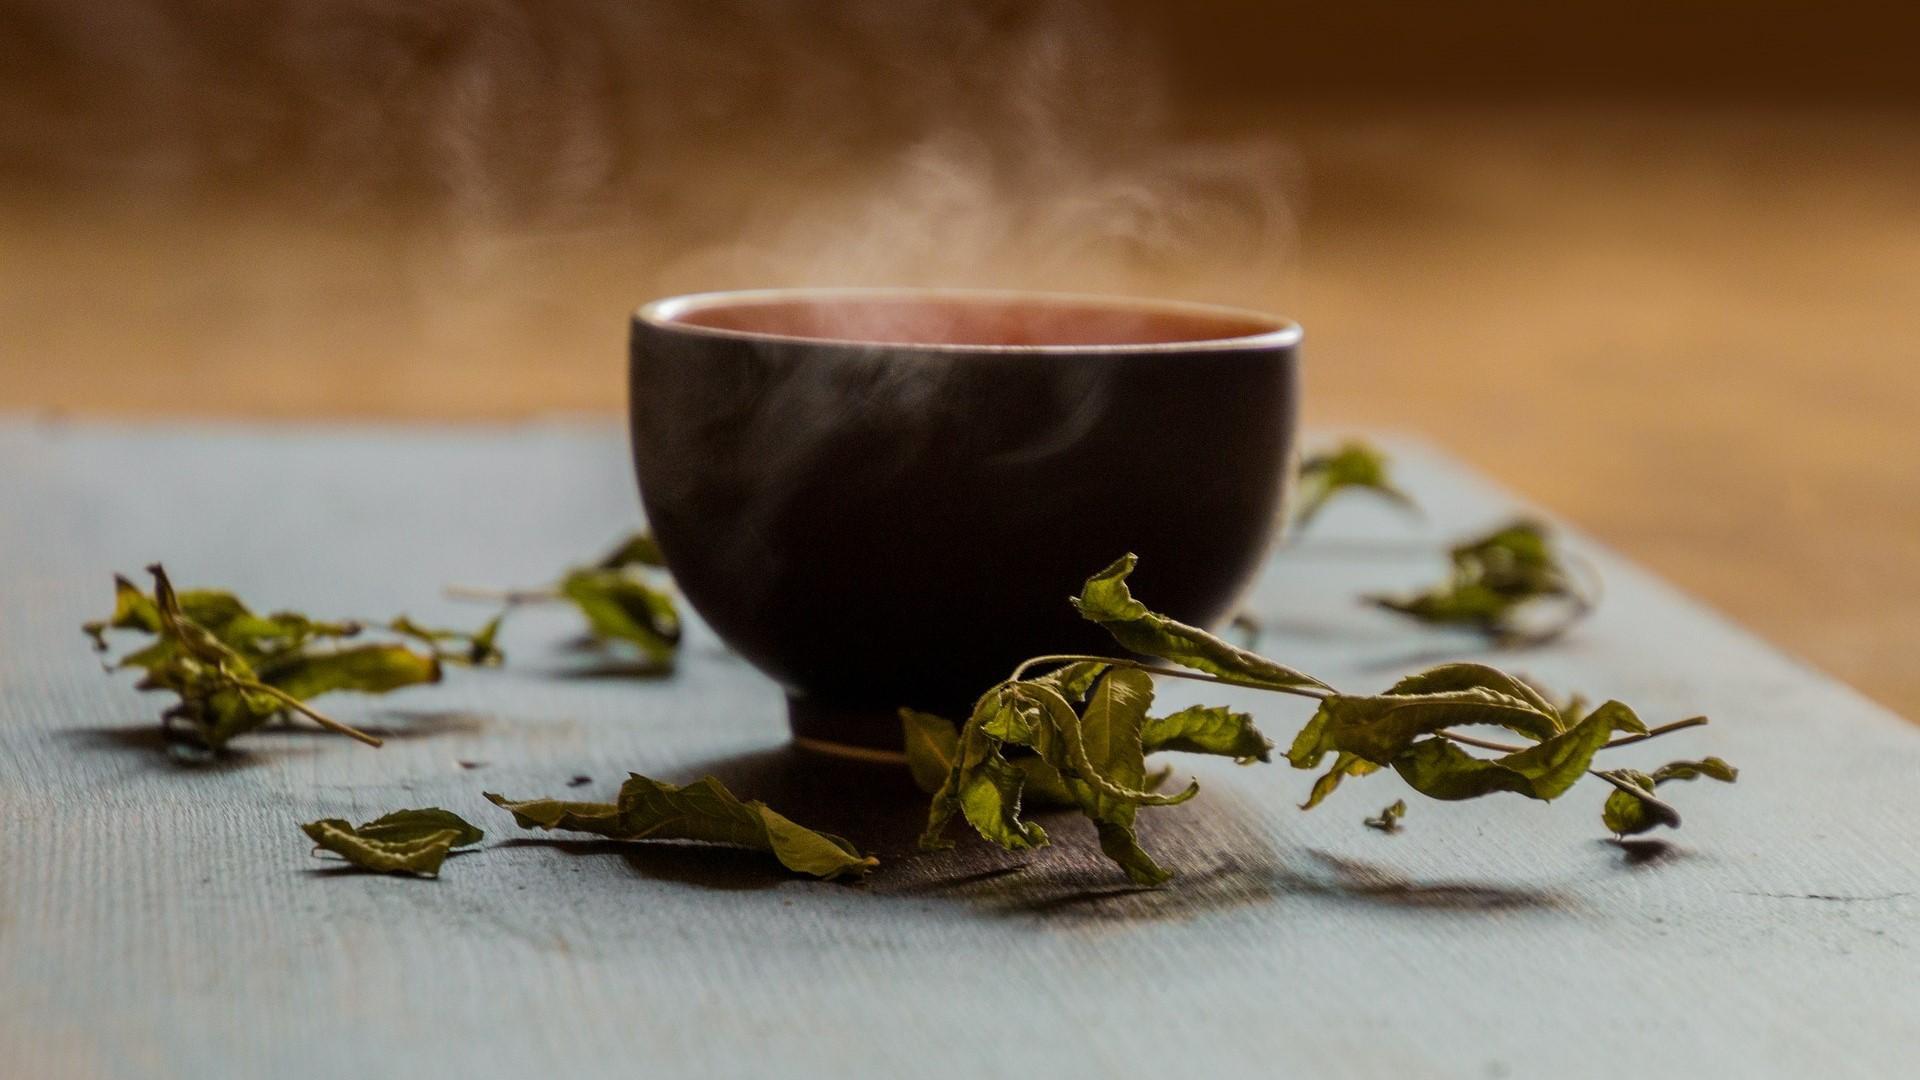 Grüner Tee eignet sich zum Abnehmen.